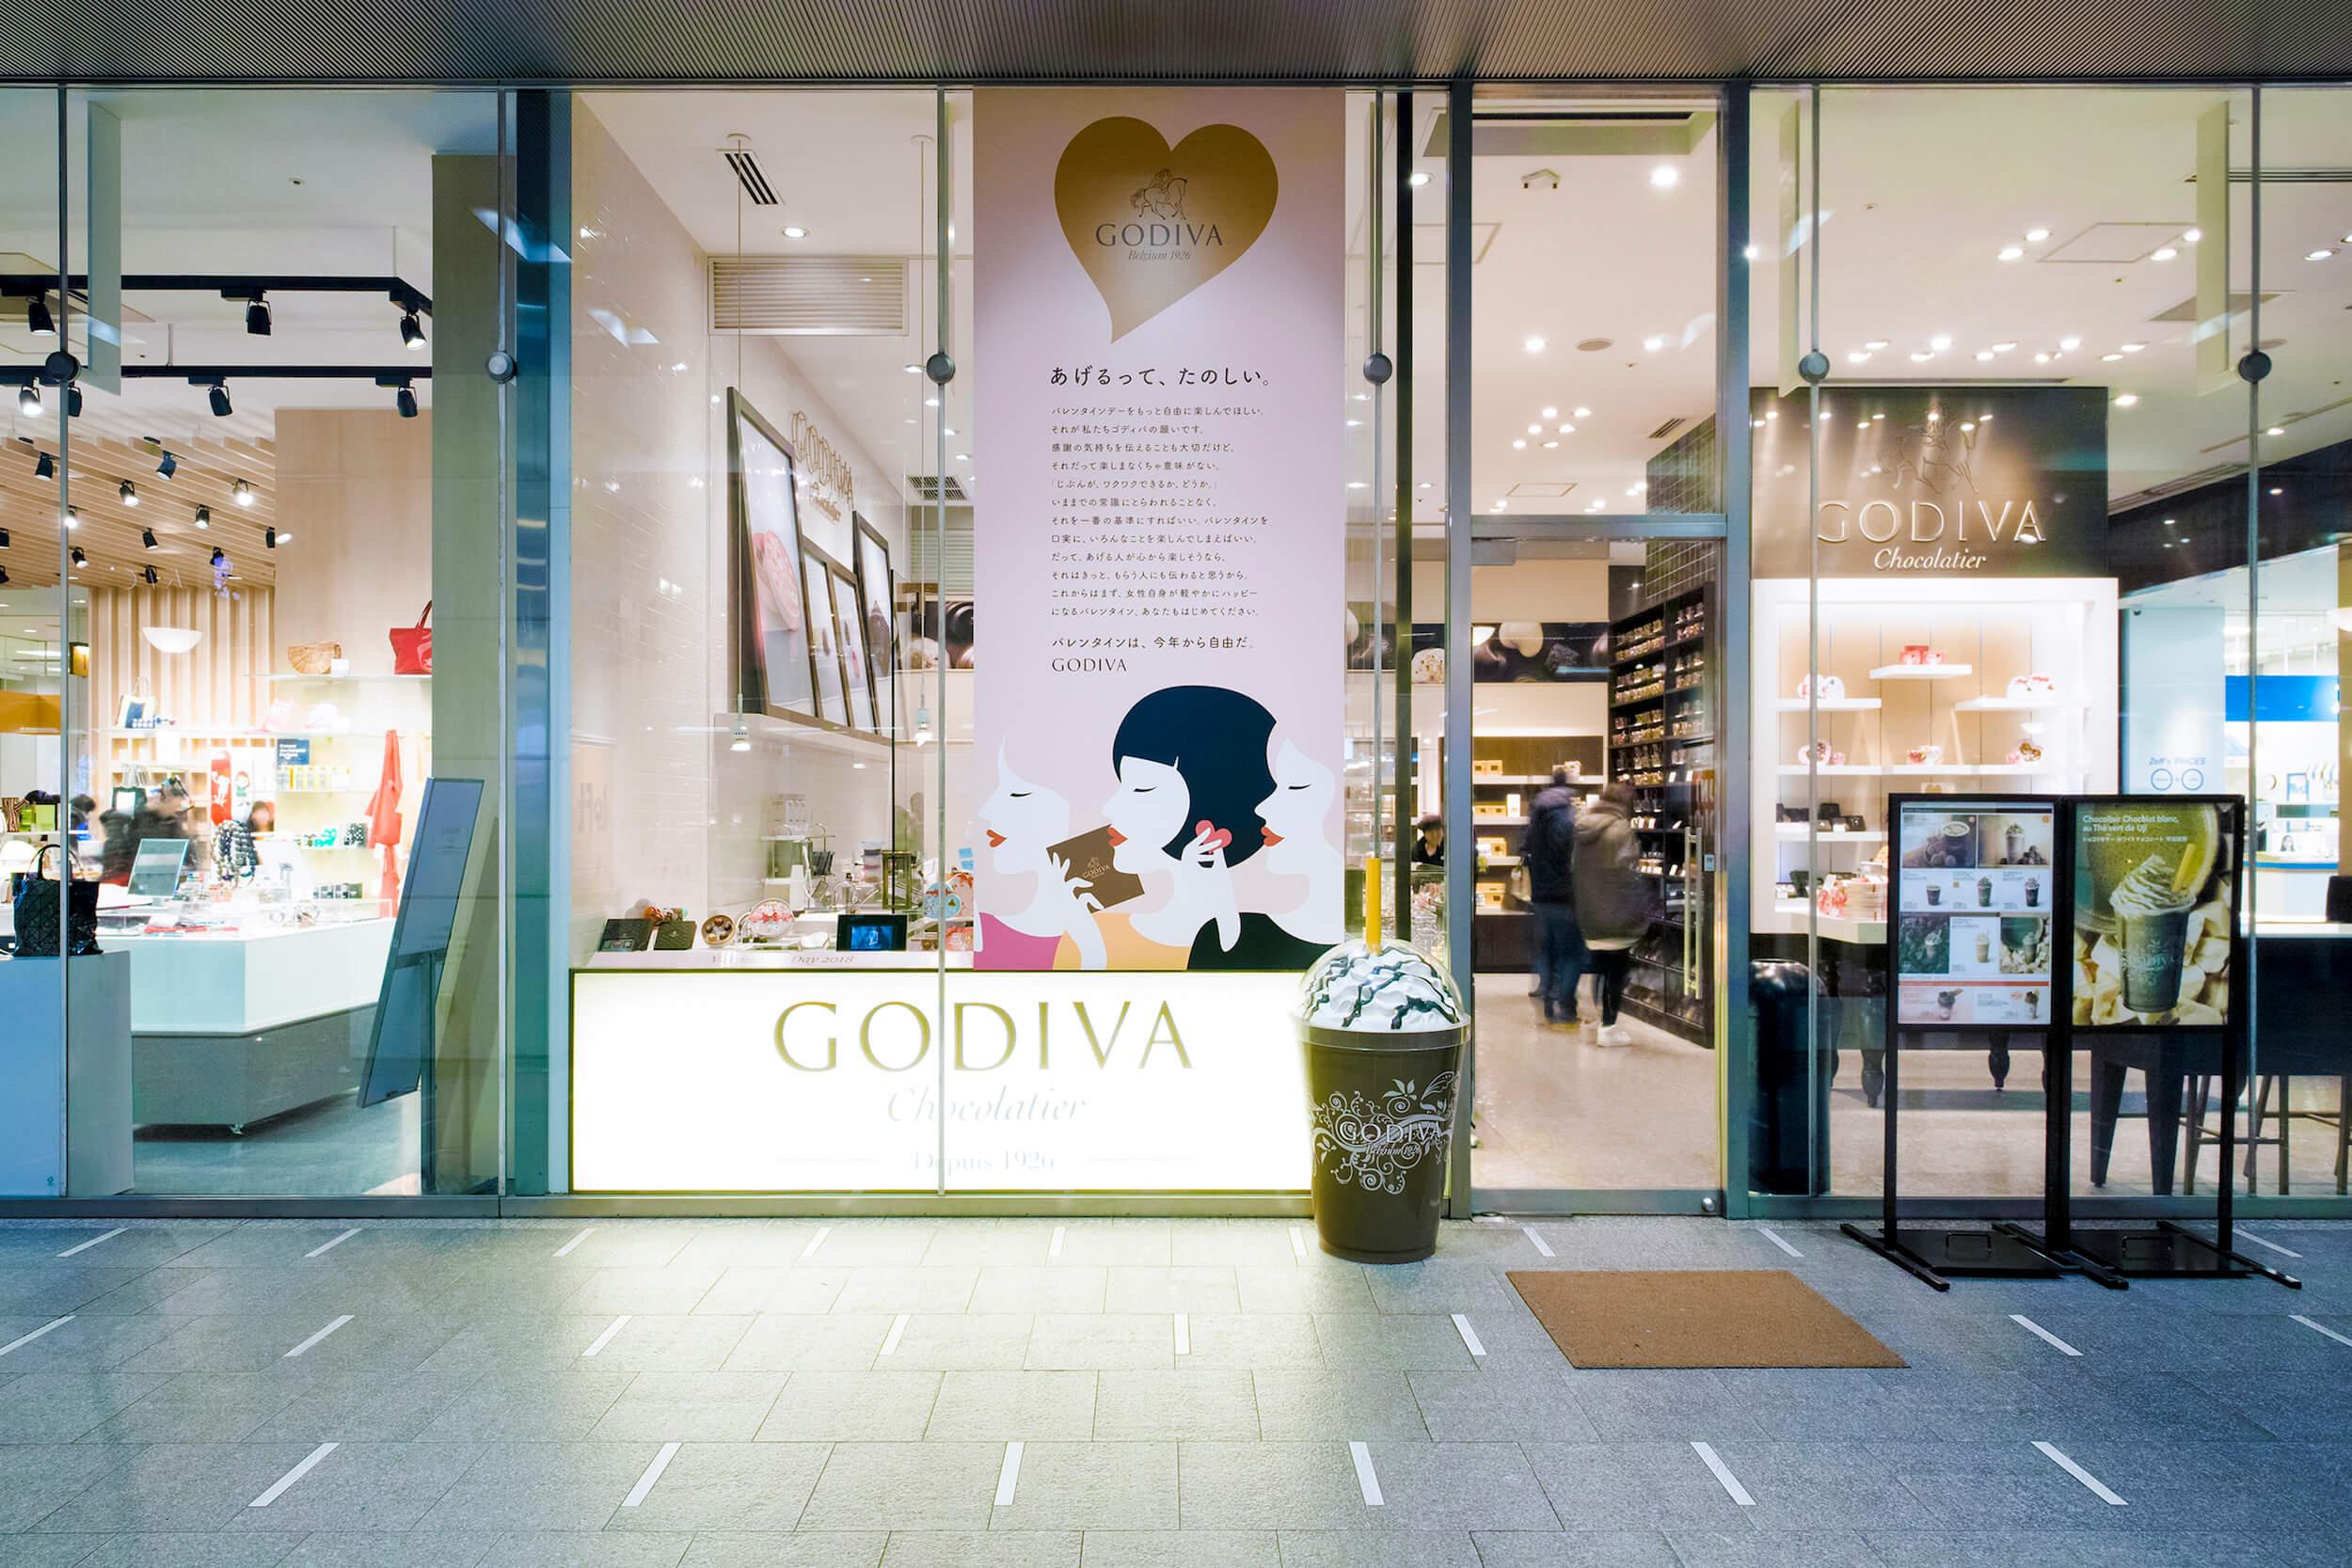 godiva_store_2500_min.jpg